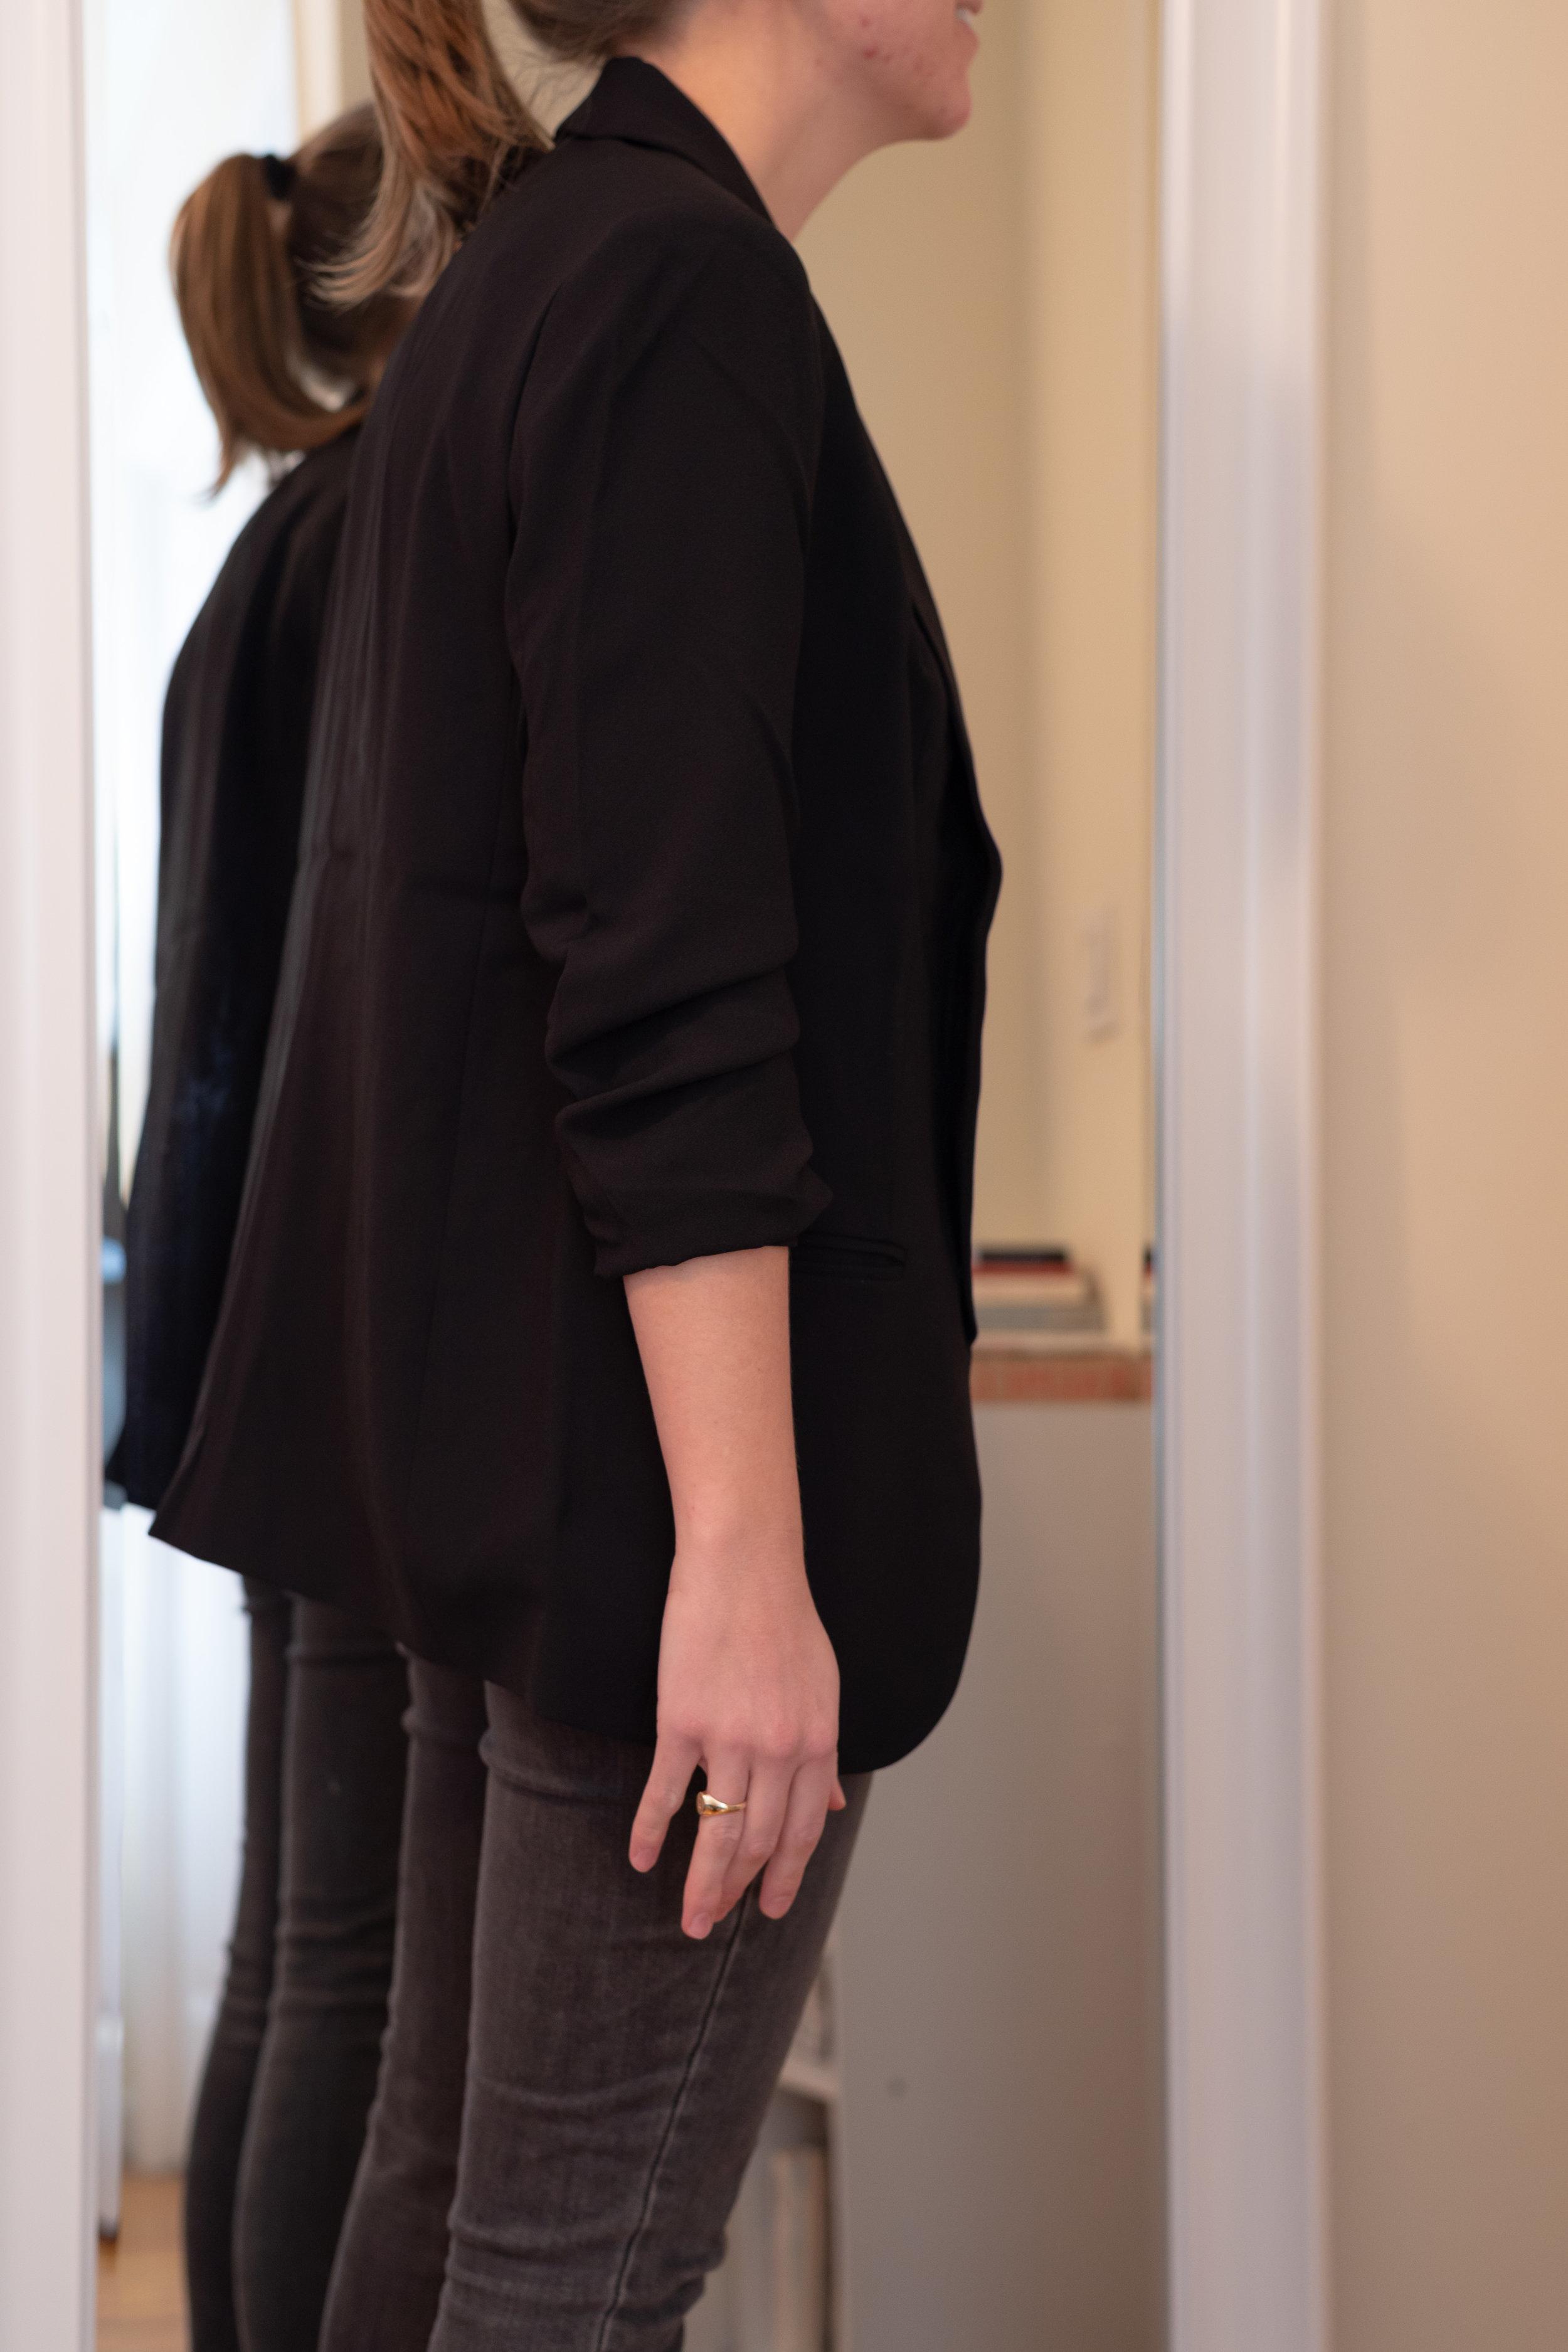 Express Ruched Sleeve Boyfriend Blazer - Size S